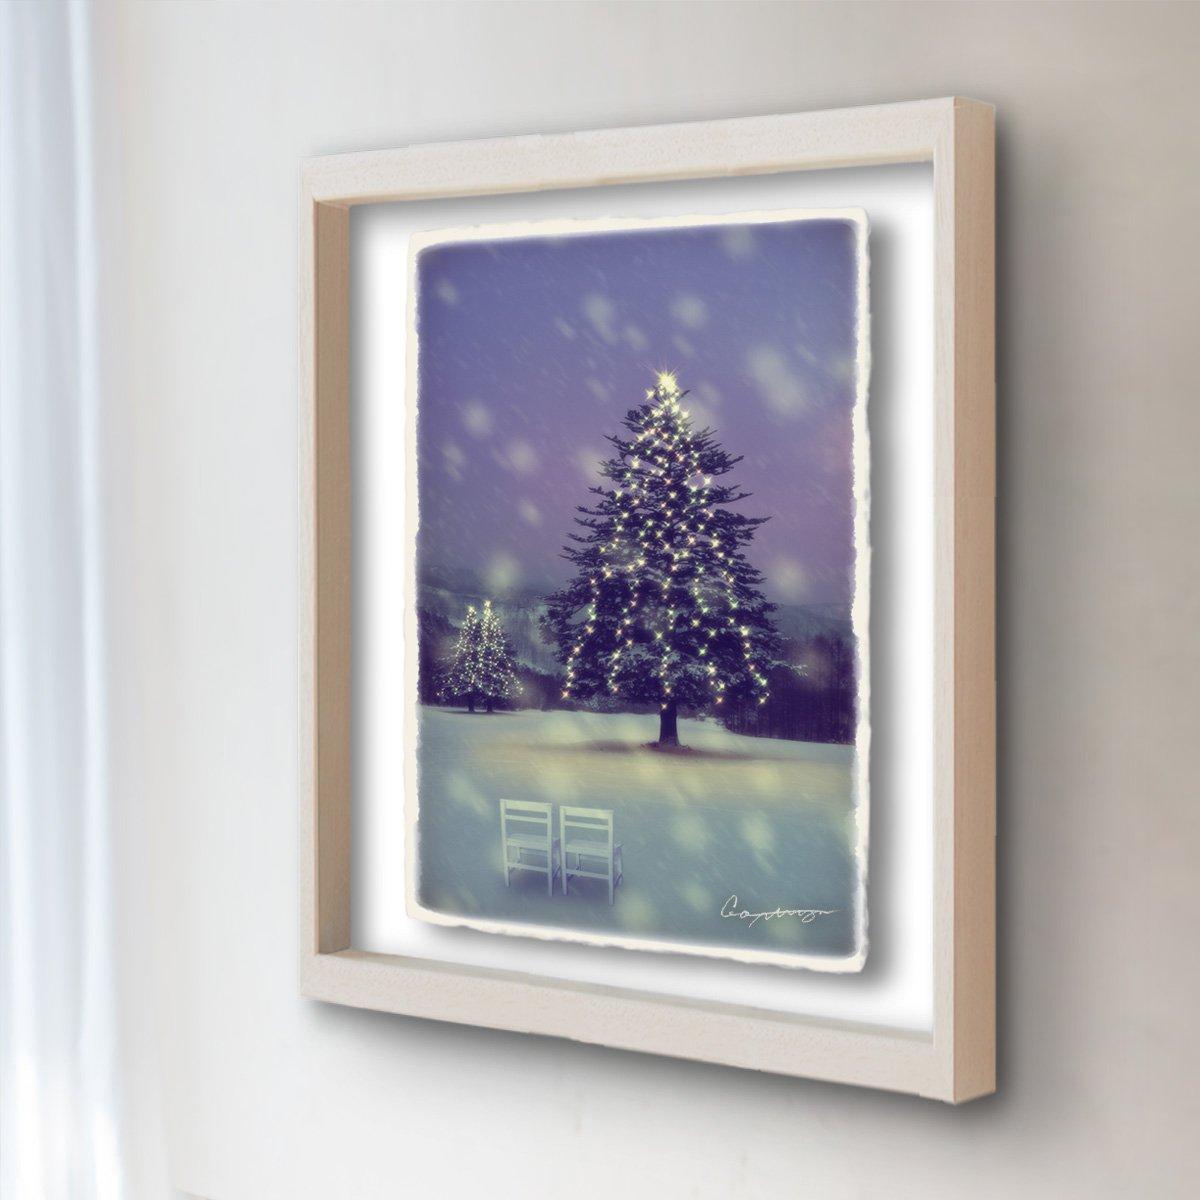 和紙 アートフレーム 「雪原のイルミネーションのモミの木と白い椅子」 (40x30cm) 絵 絵画 壁掛け 壁飾り 額縁 インテリア アート B077PWKW8N 23.アートフレーム(長辺40cm) 28000円|雪原のイルミネーションのモミの木と白い椅子 雪原のイルミネーションのモミの木と白い椅子 23.アートフレーム(長辺40cm) 28000円